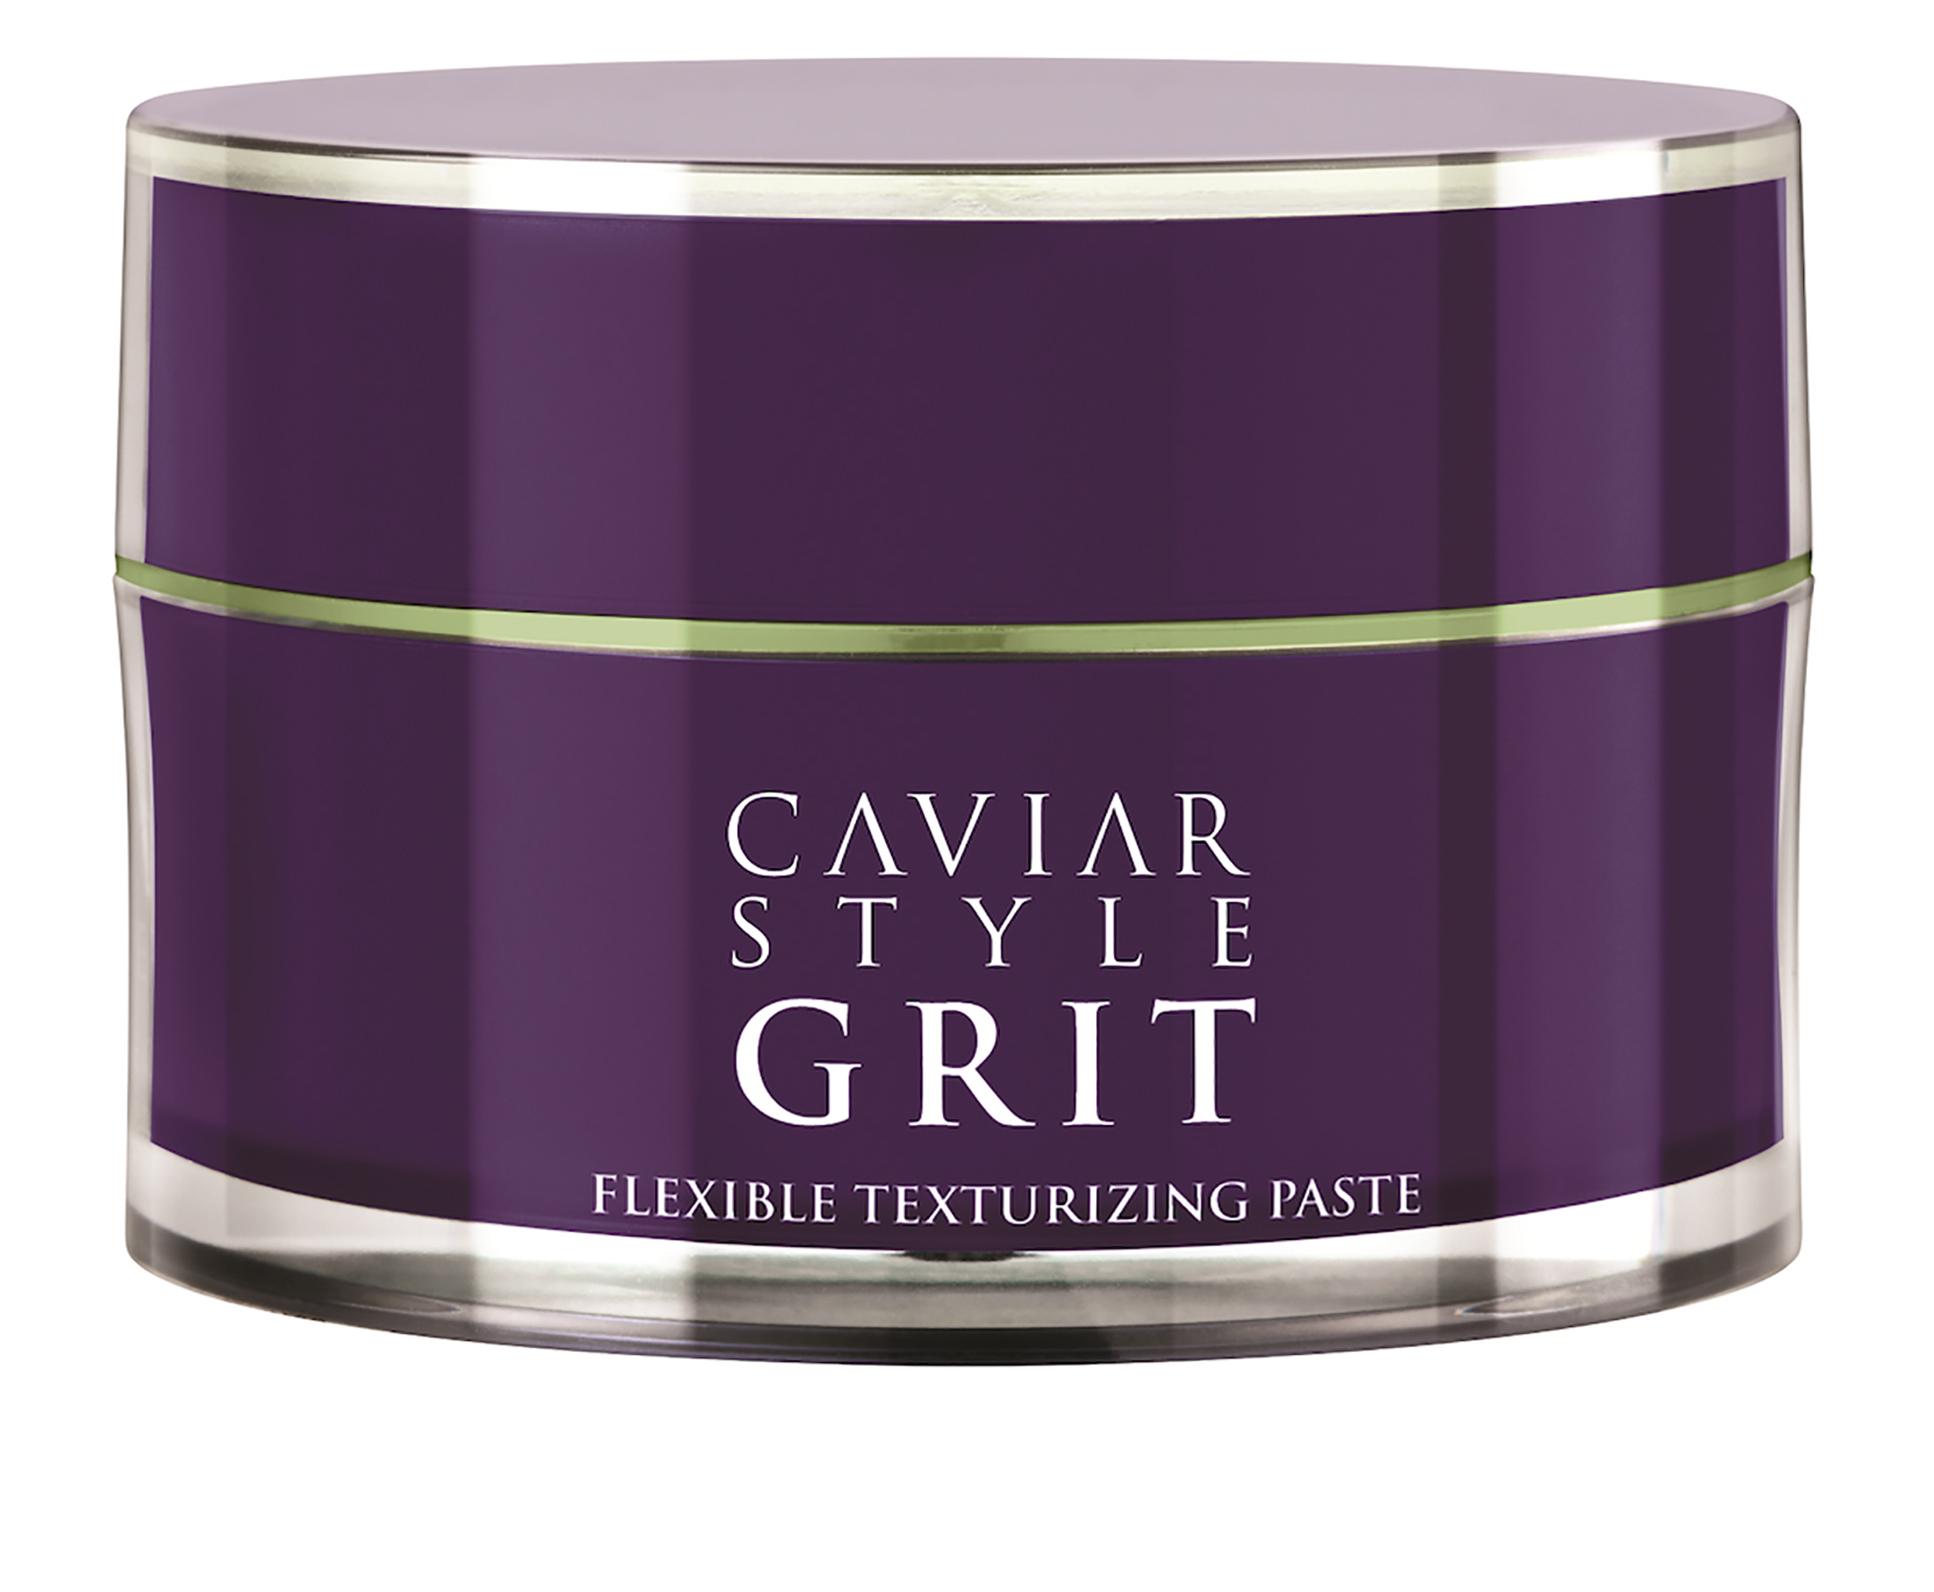 ALTERNA Паста текстурирующая с подвижной фиксацией / Style Grit Flexible Texturizing Paste CAVIAR 52 мл